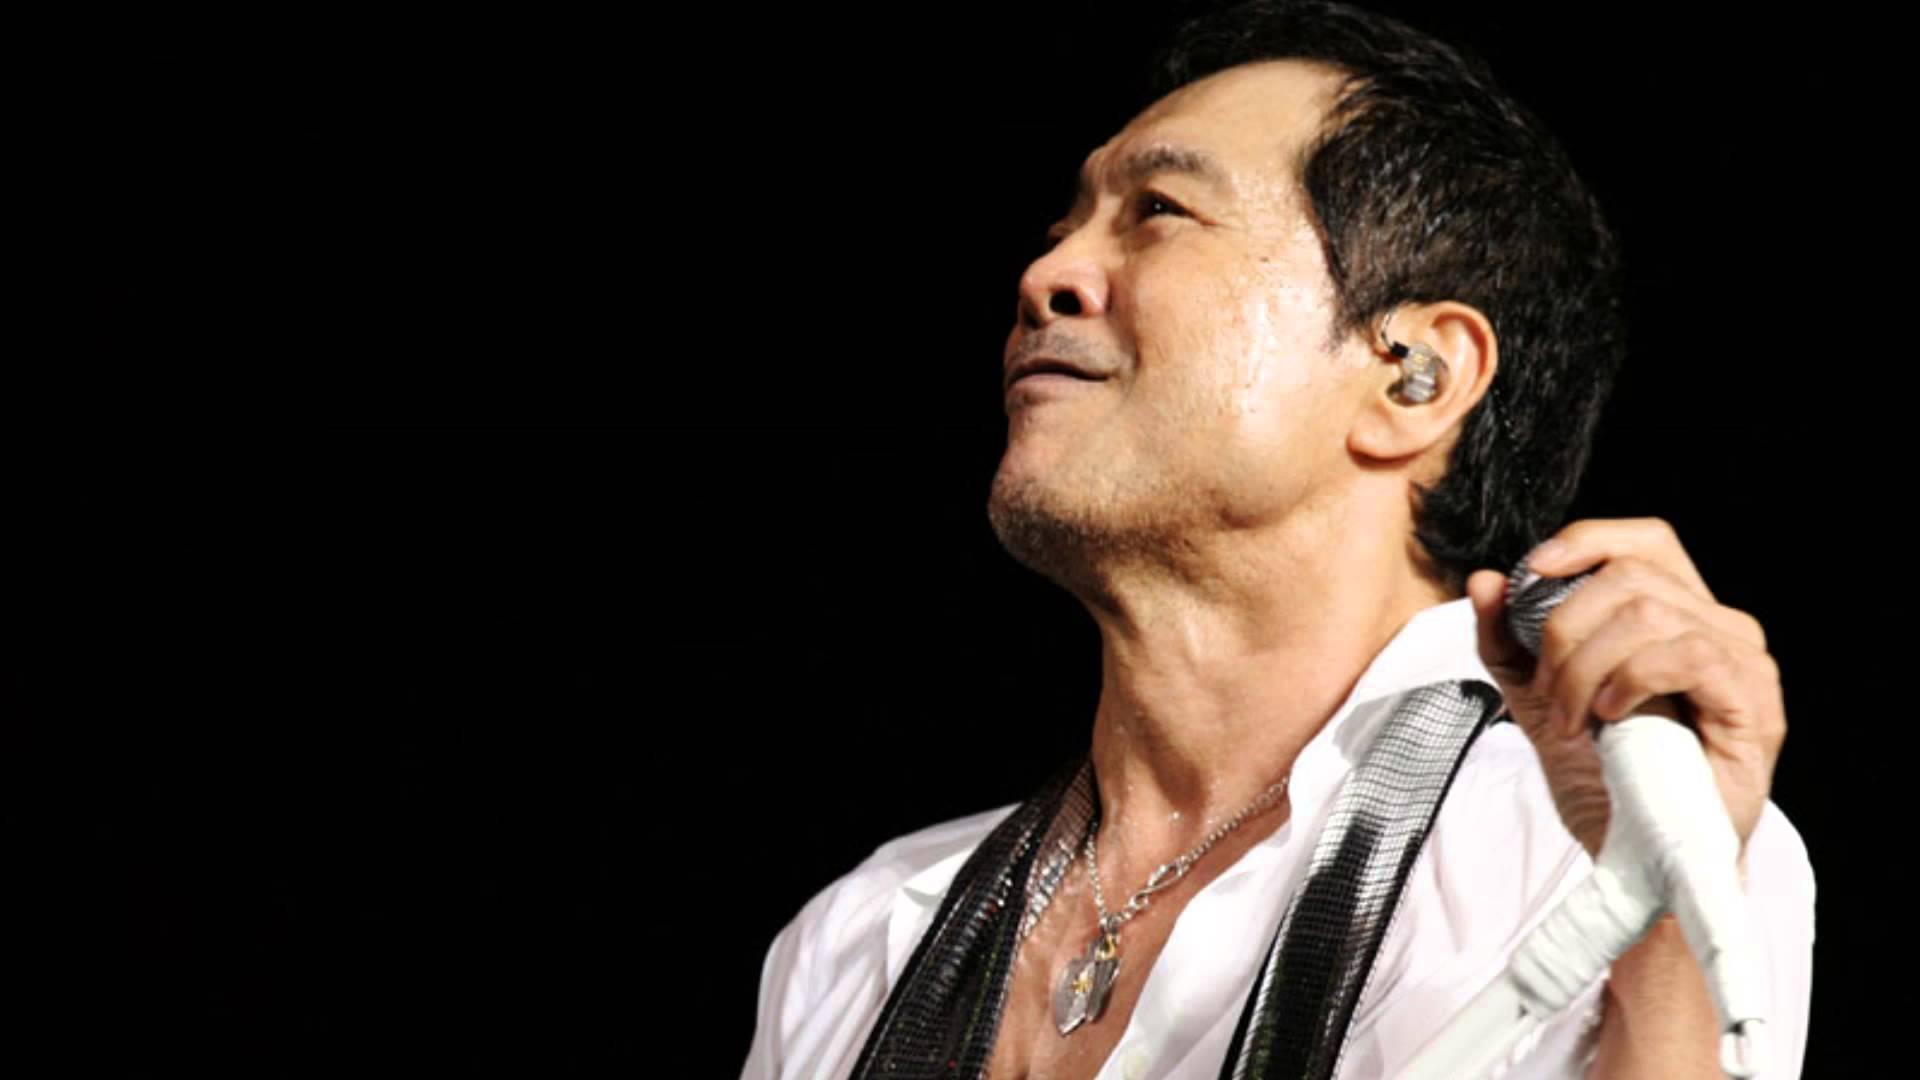 ロックの王様 あの矢沢永吉の人気の名曲を集めてみました エントピ